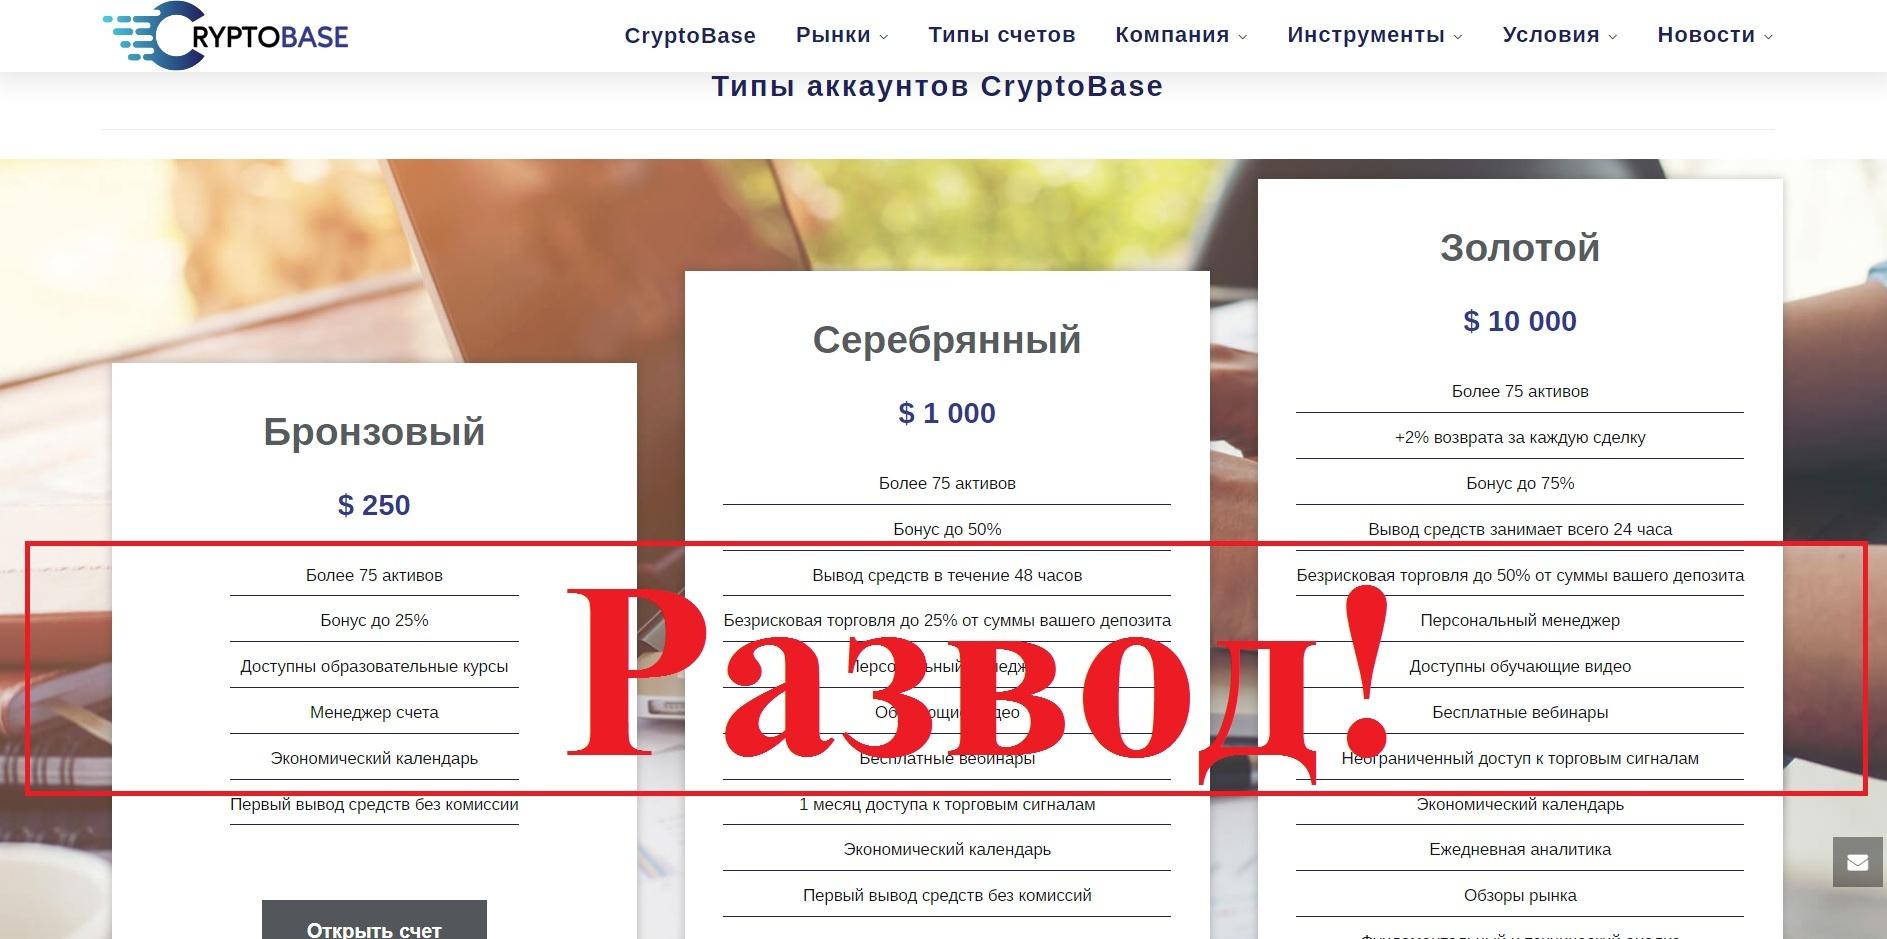 CryptoBase – отзывы о брокере cryptobase.ltd